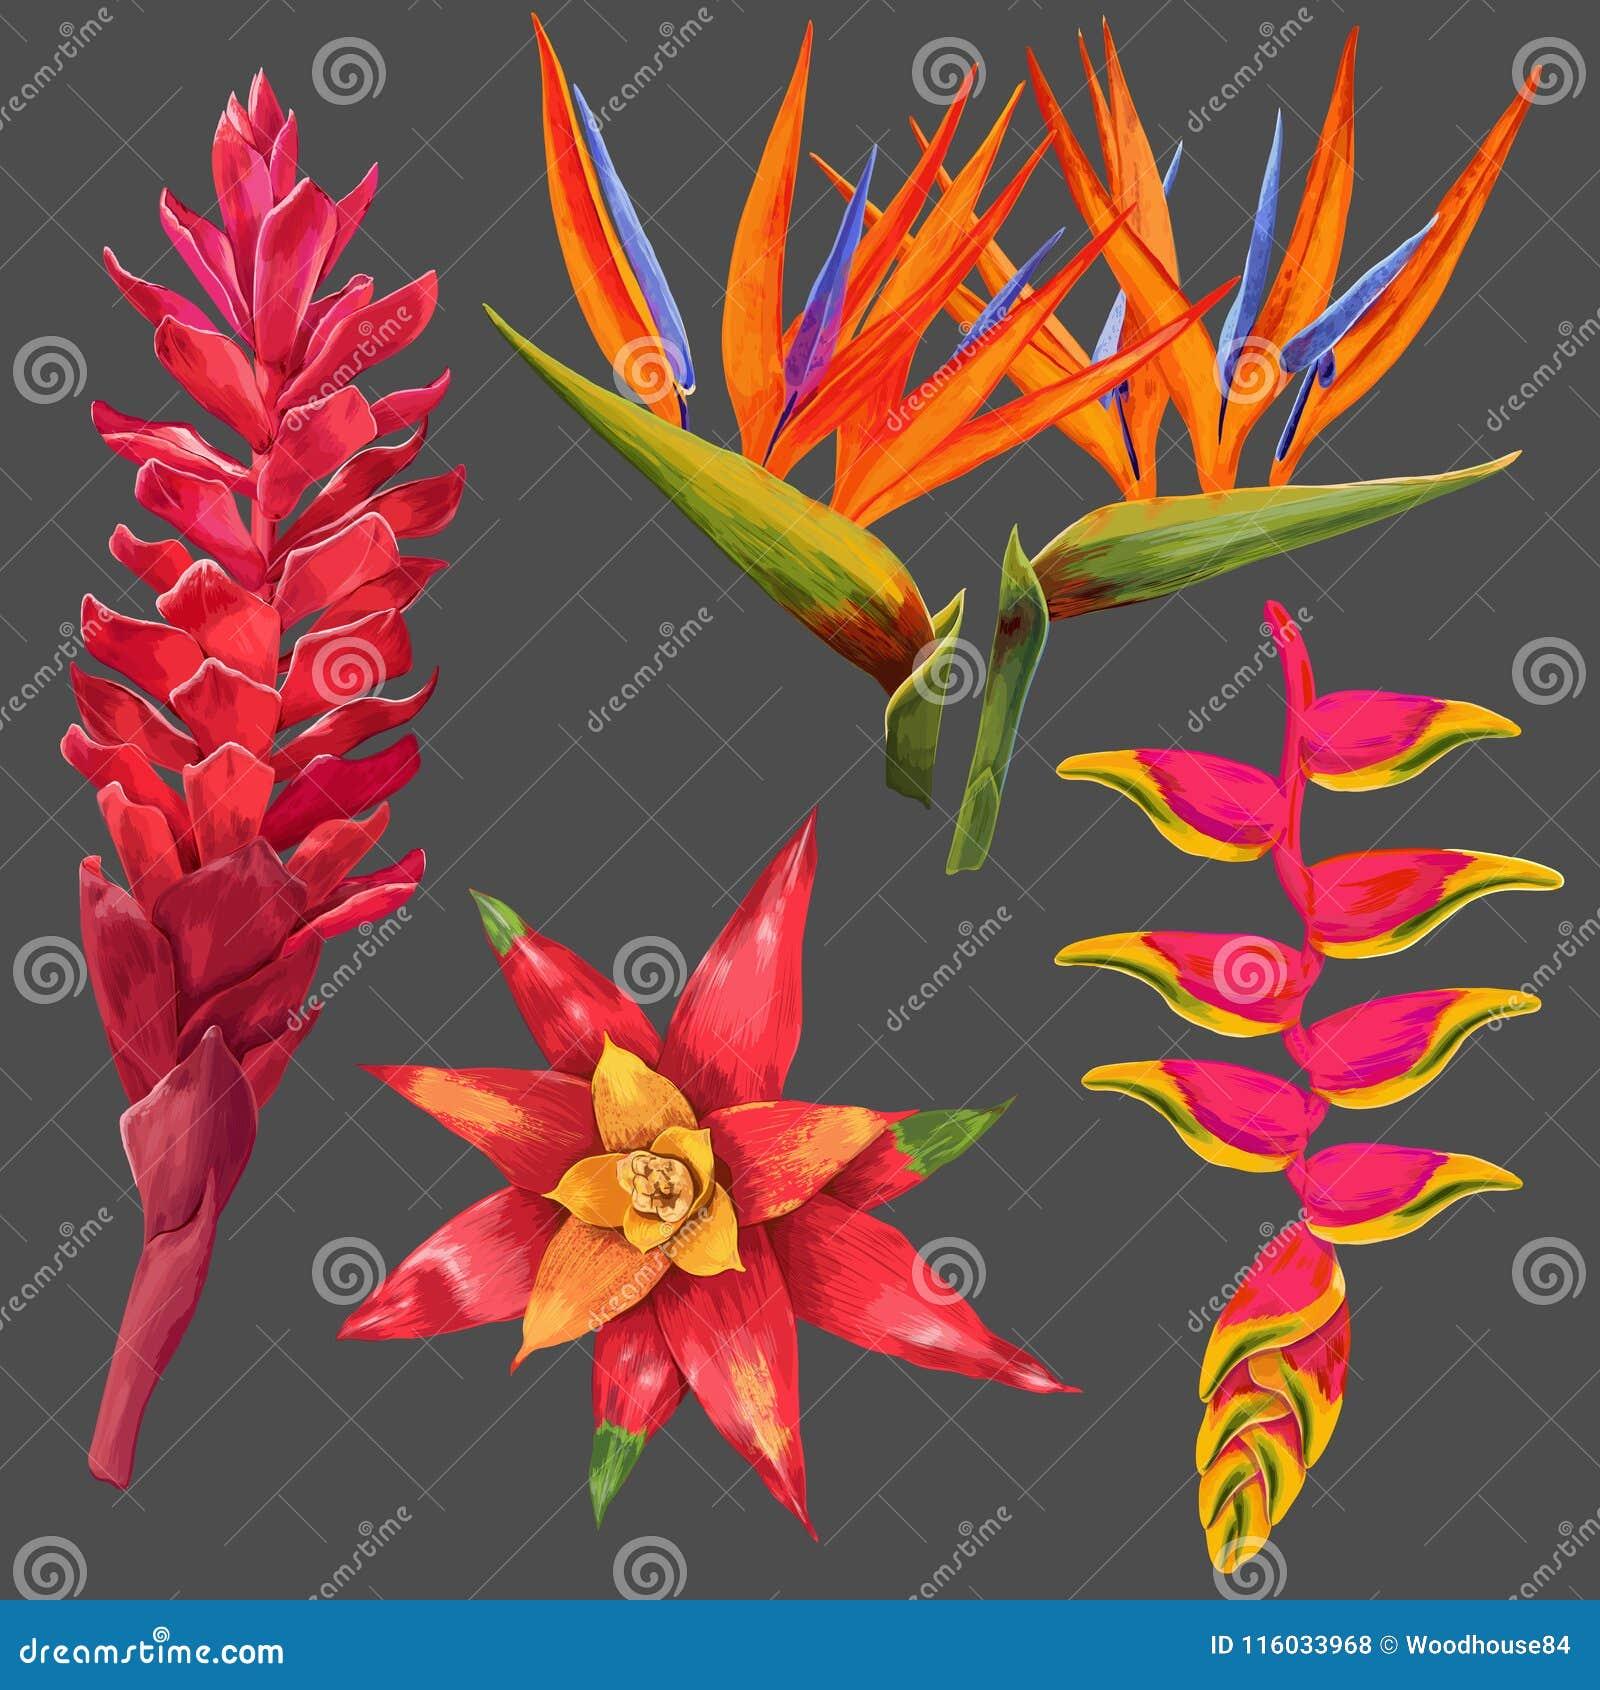 Exotische Geplaatste Bloemen en Bladeren Tropische Bloemenelementen voor Decoratie, Patroon, Uitnodiging Tropische achtergrond